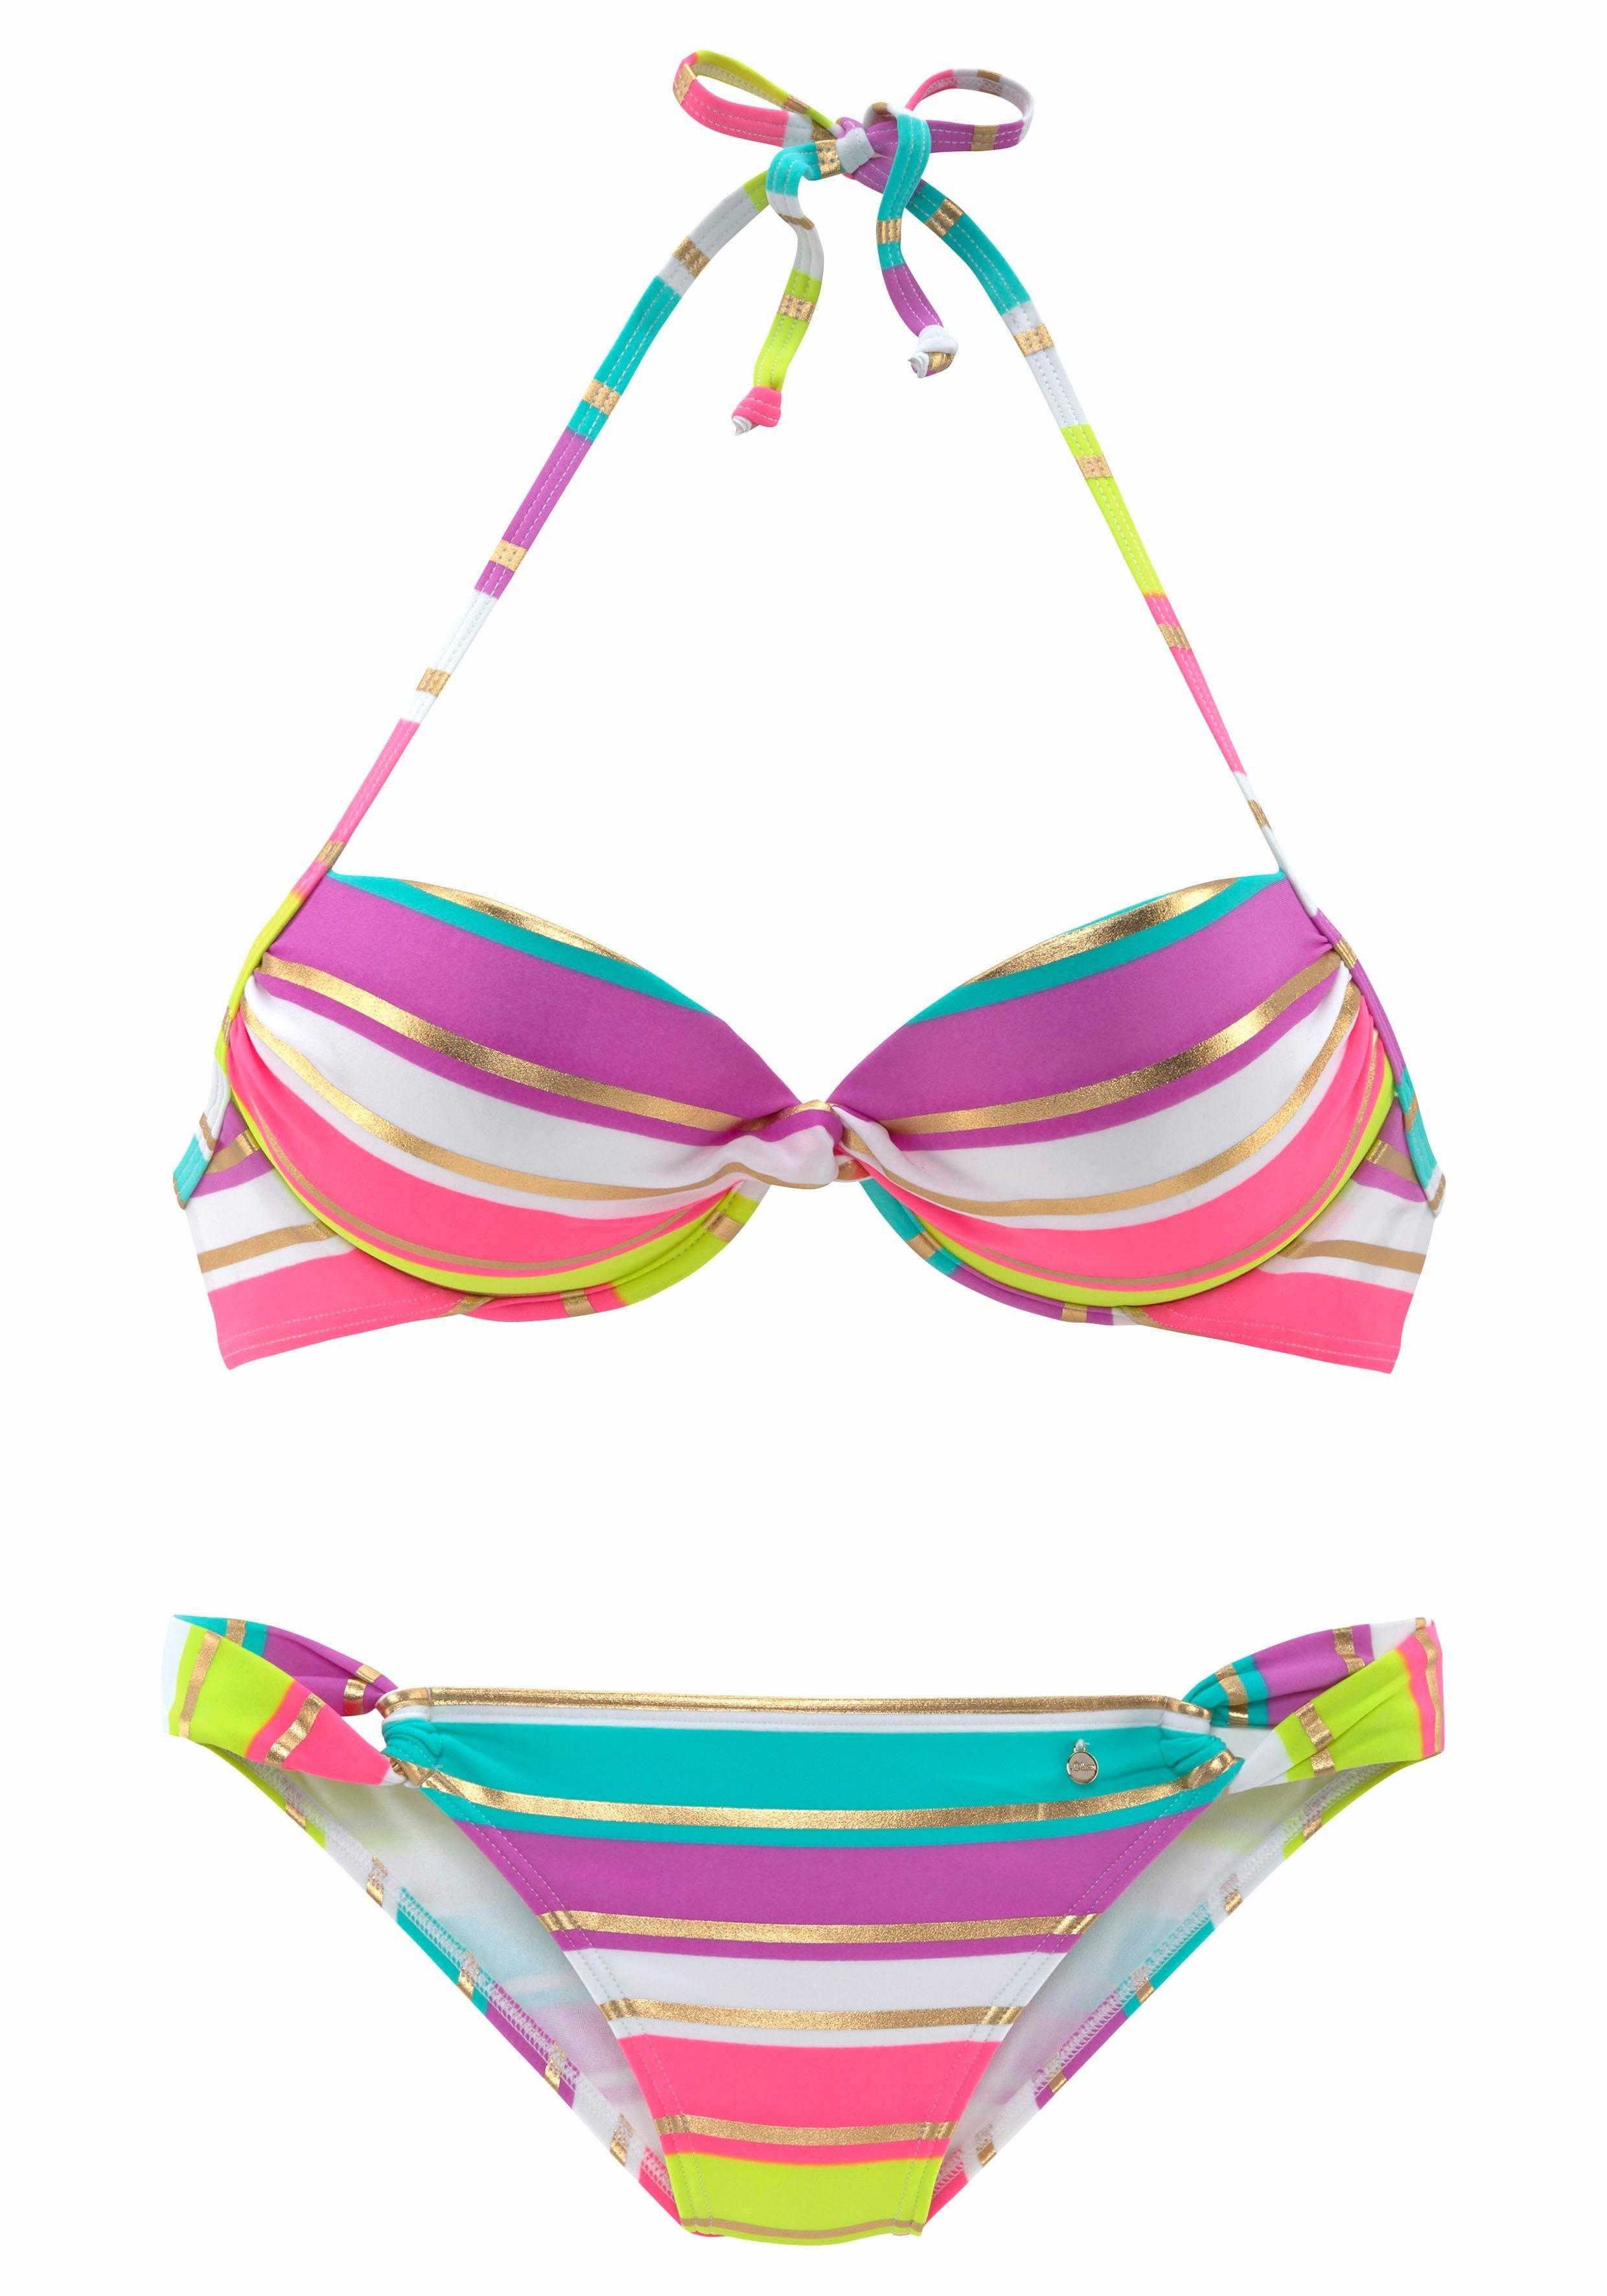 deligOnline Cups2 oliver up Met Gewatteerde Shop bikini S Push 35cTFKl1uJ